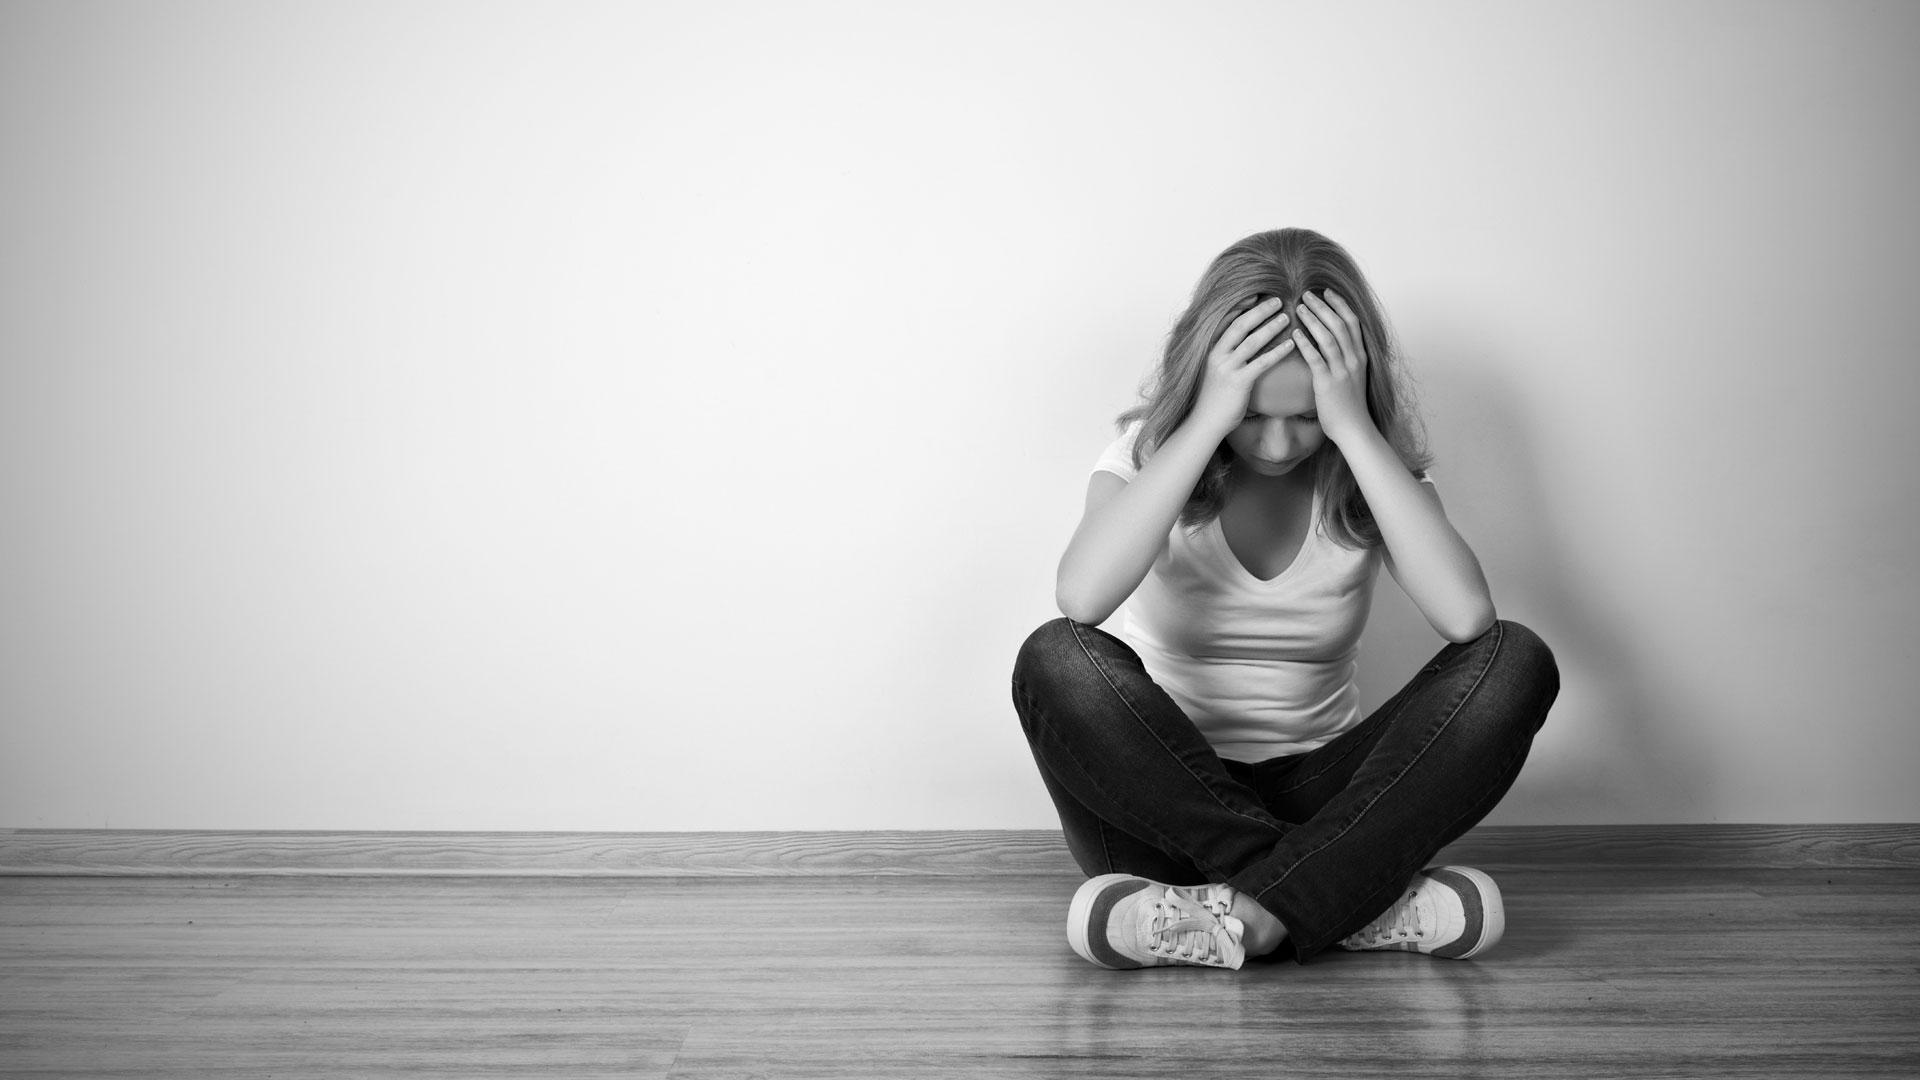 La adicción a los teléfonos inteligentes trae inseguridad y depresión